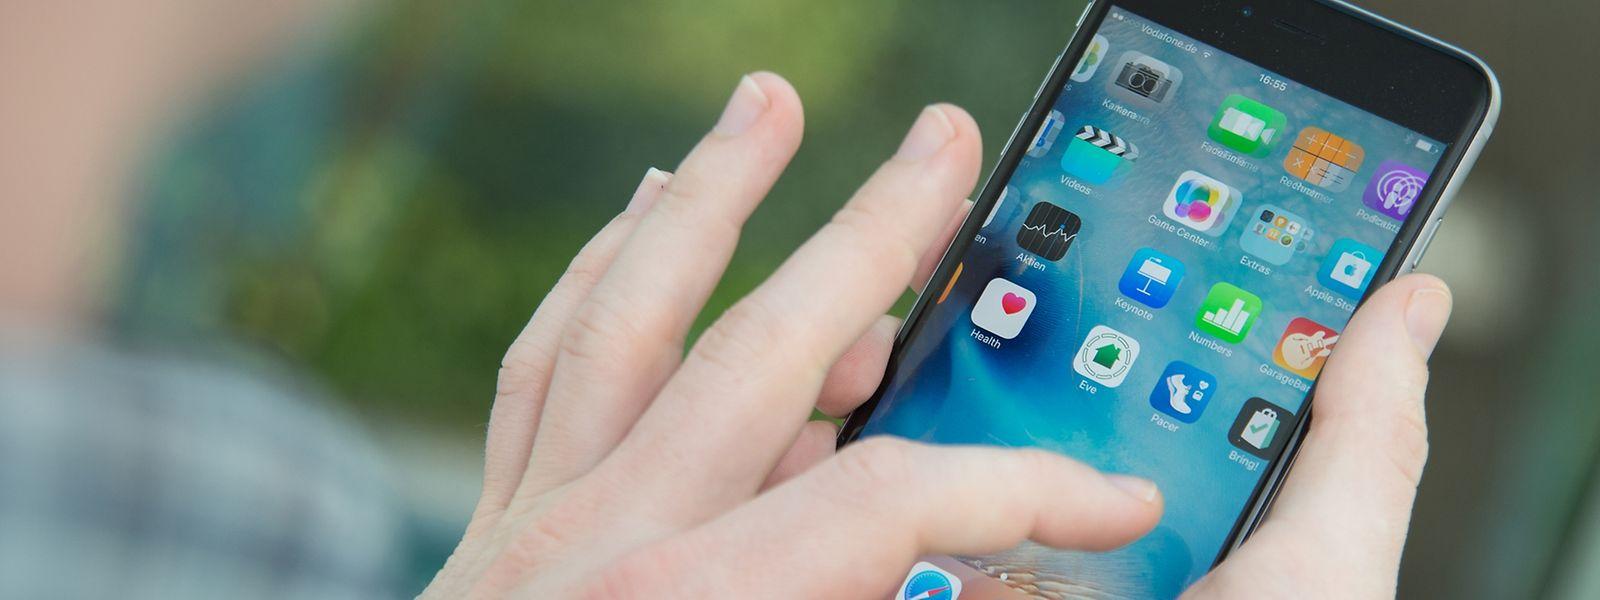 Neues Telefon, neue Preise. Das ohnehin schon recht kostspielige iPhone wird noch einmal teurer.